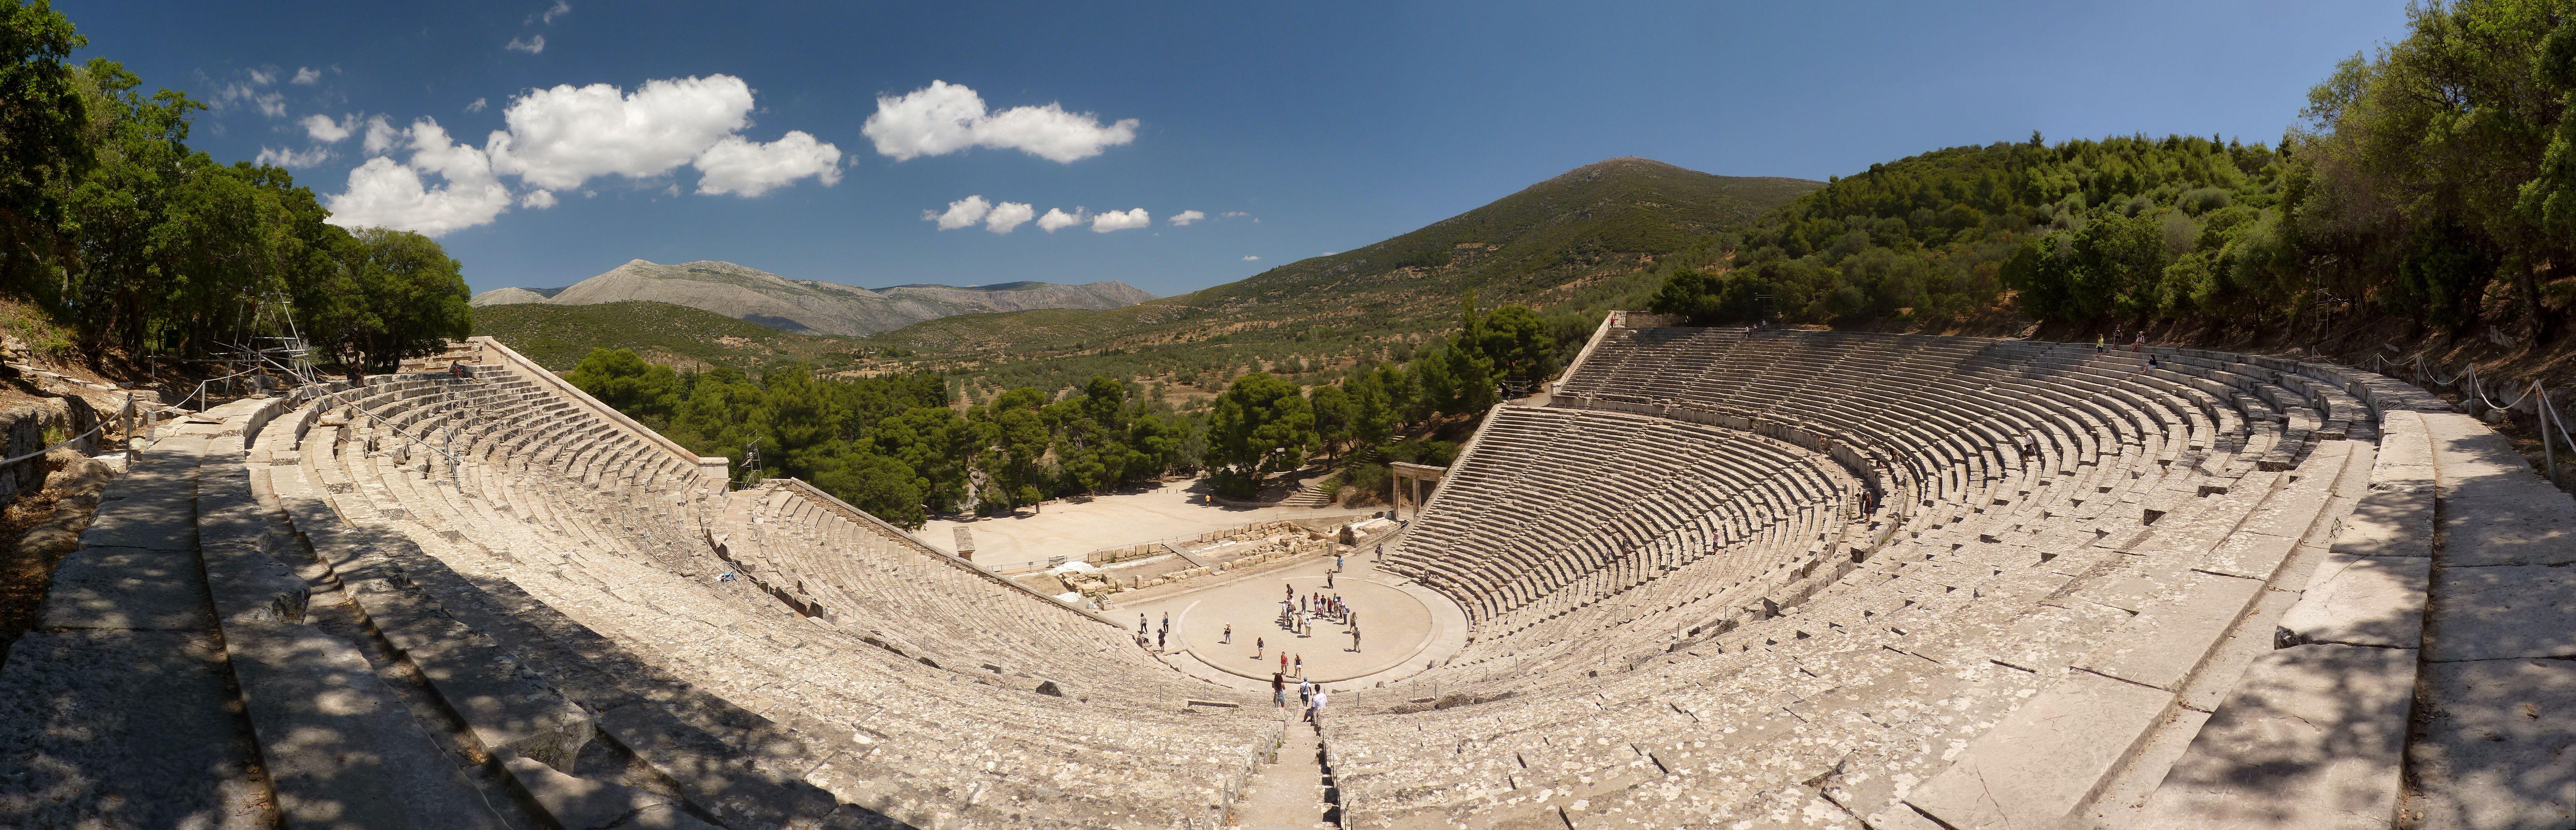 Epidavros Theatre Location Sublime D 233 Cor Antique Pour Vous 233 Pater D 201 Couvrir La Gr 200 Ce